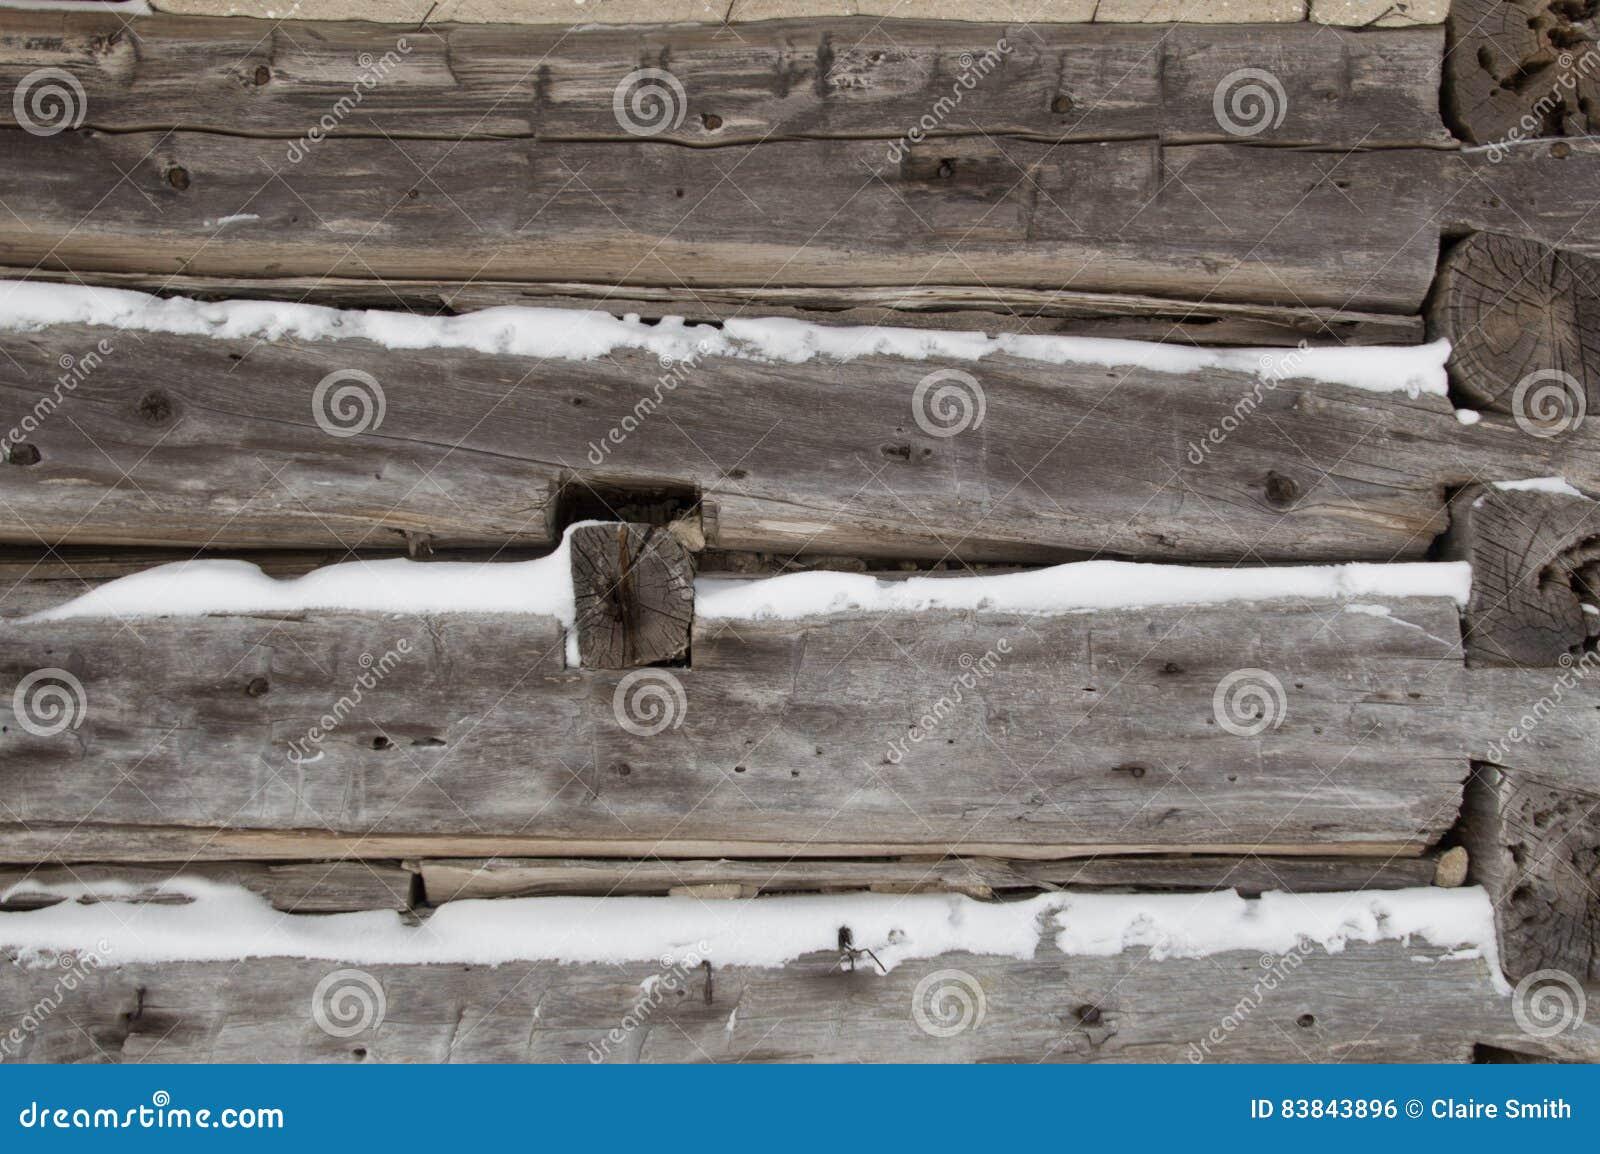 Blokhuis gezaagde logboeken aan hoekclose-up met sneeuw binnen - tussen